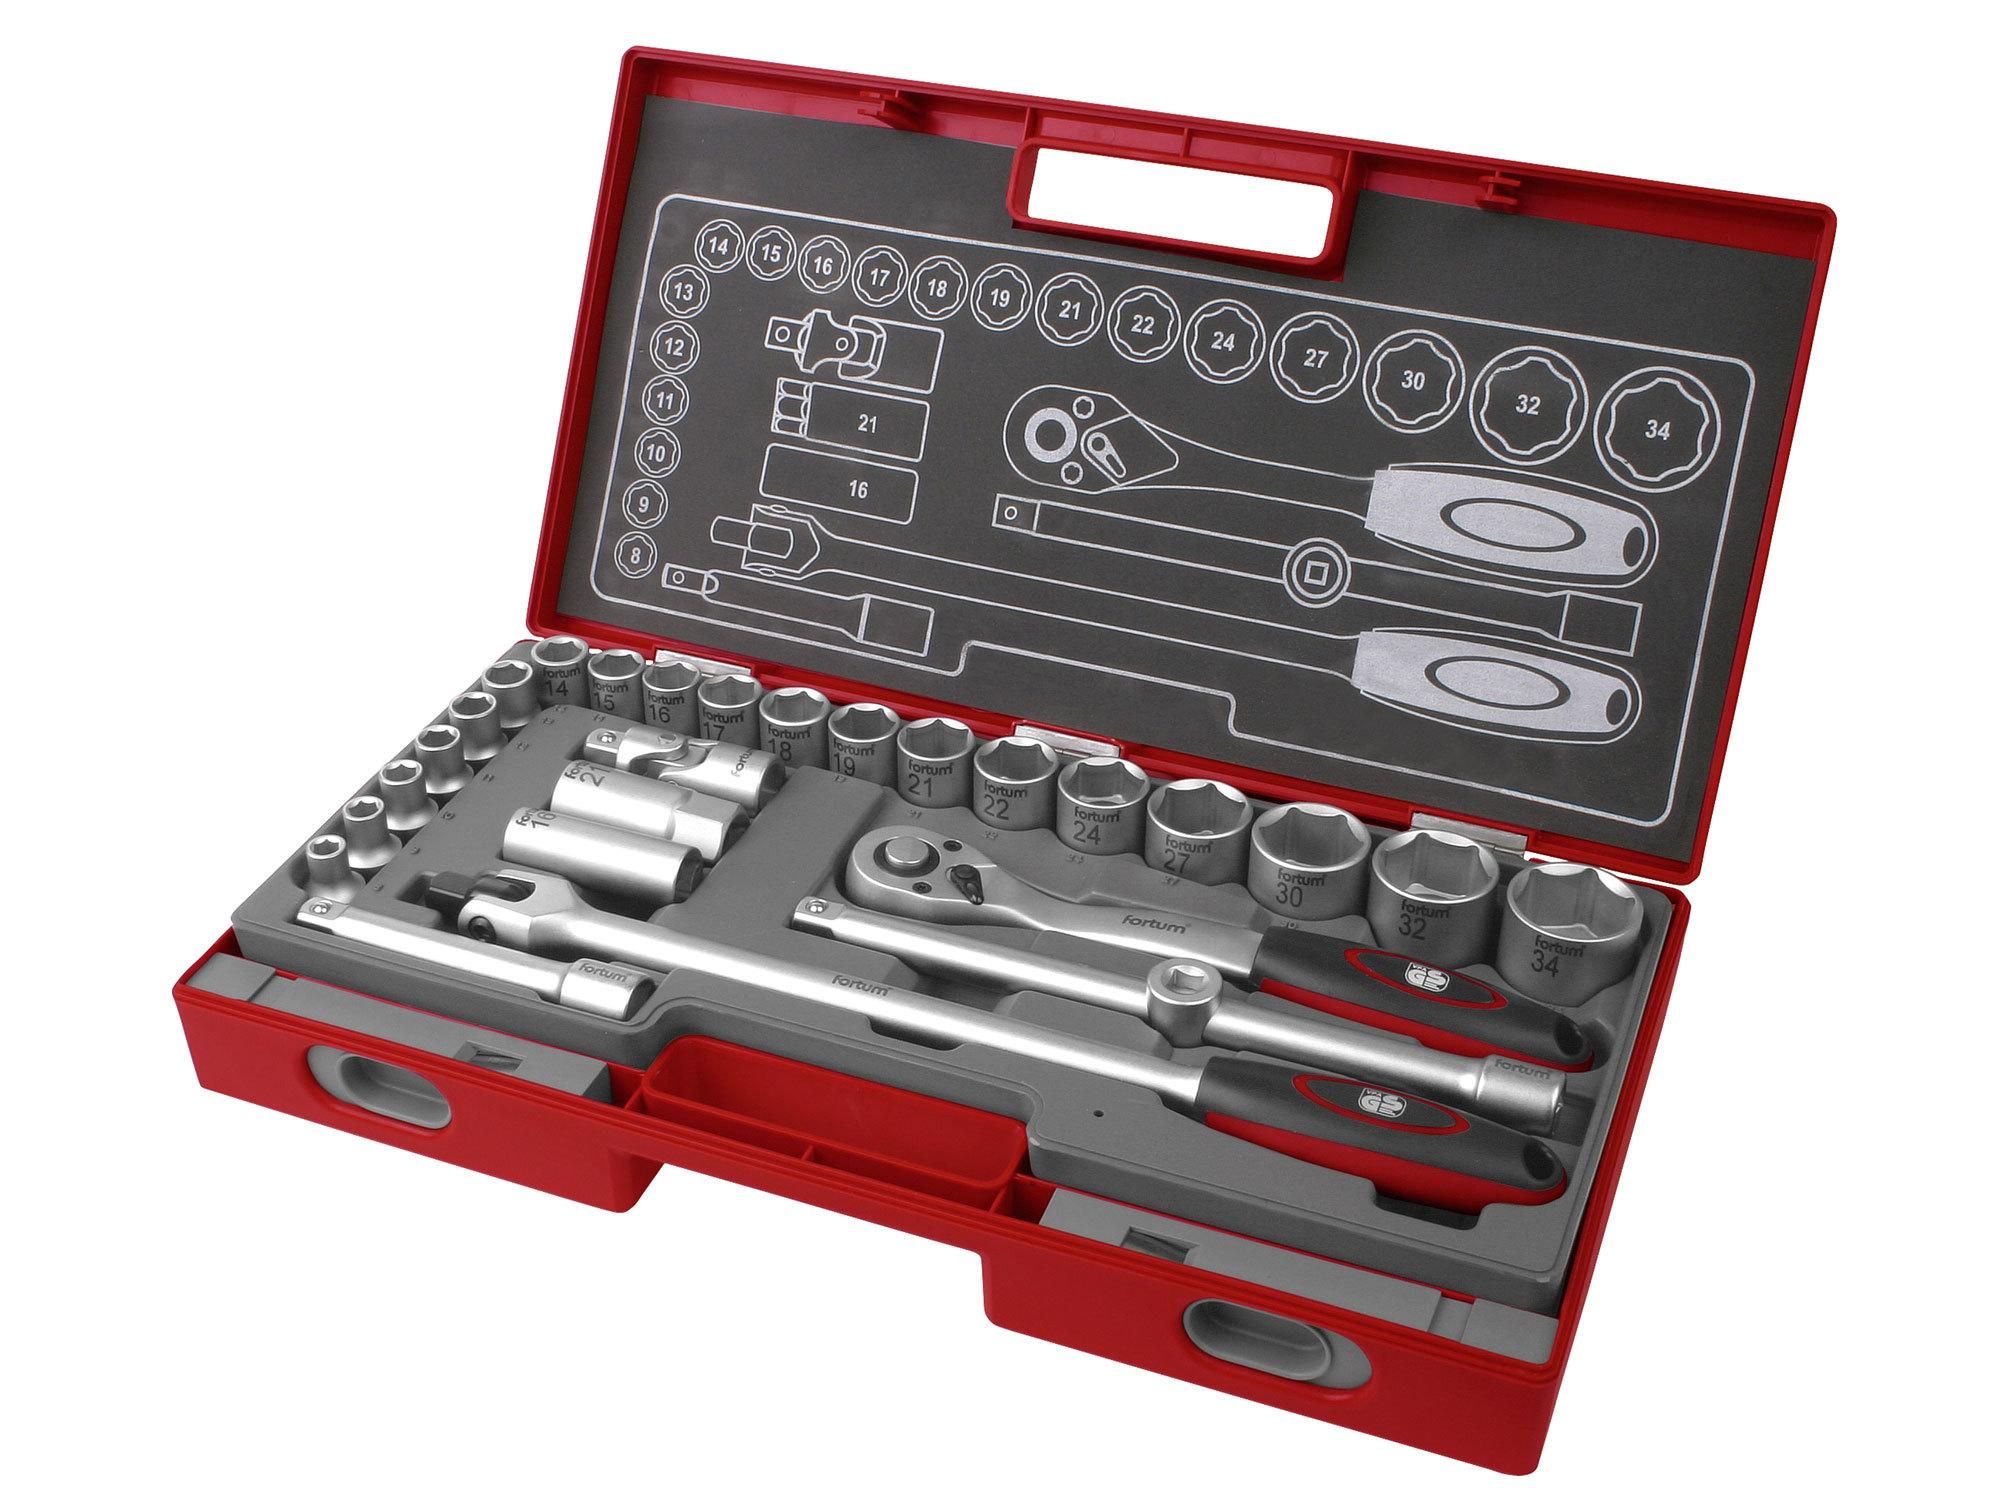 Sada nástrčných kľúčov, 27-dielna, FORTUM 4700014